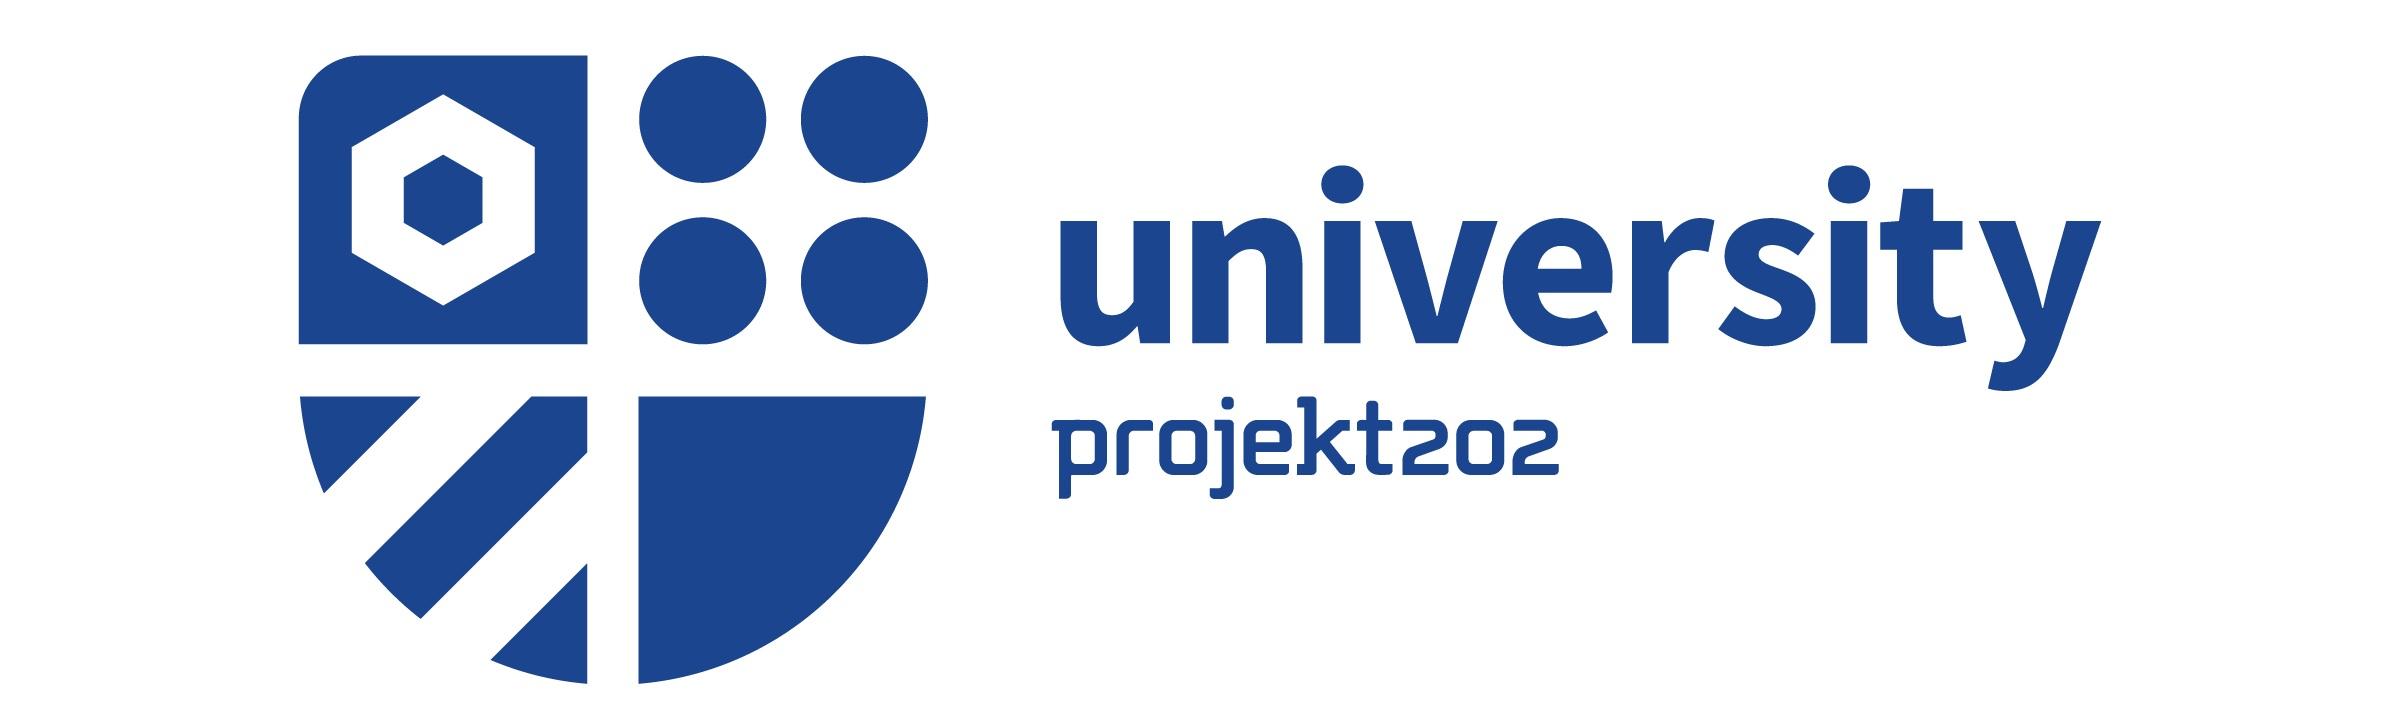 u202-Logo-07.jpg